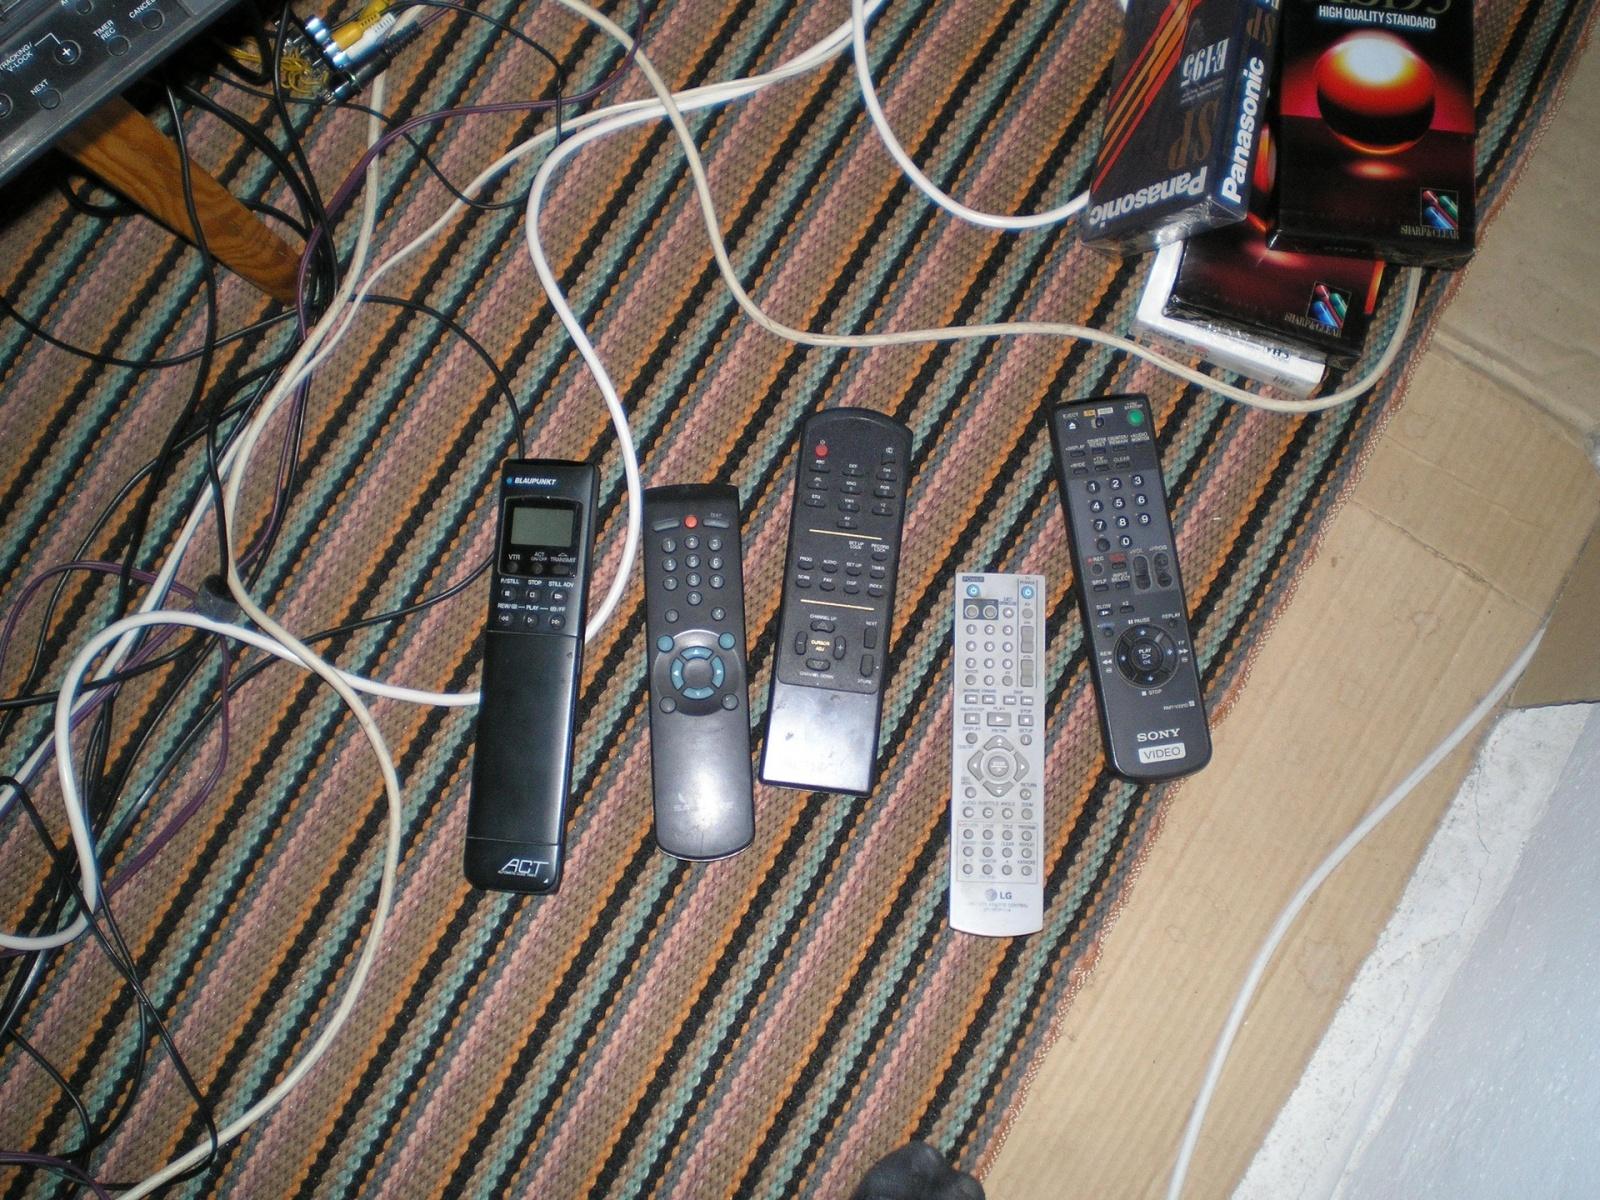 Отключение аналогового спутникового ТВ: 4 года спустя (часть 2) - 4